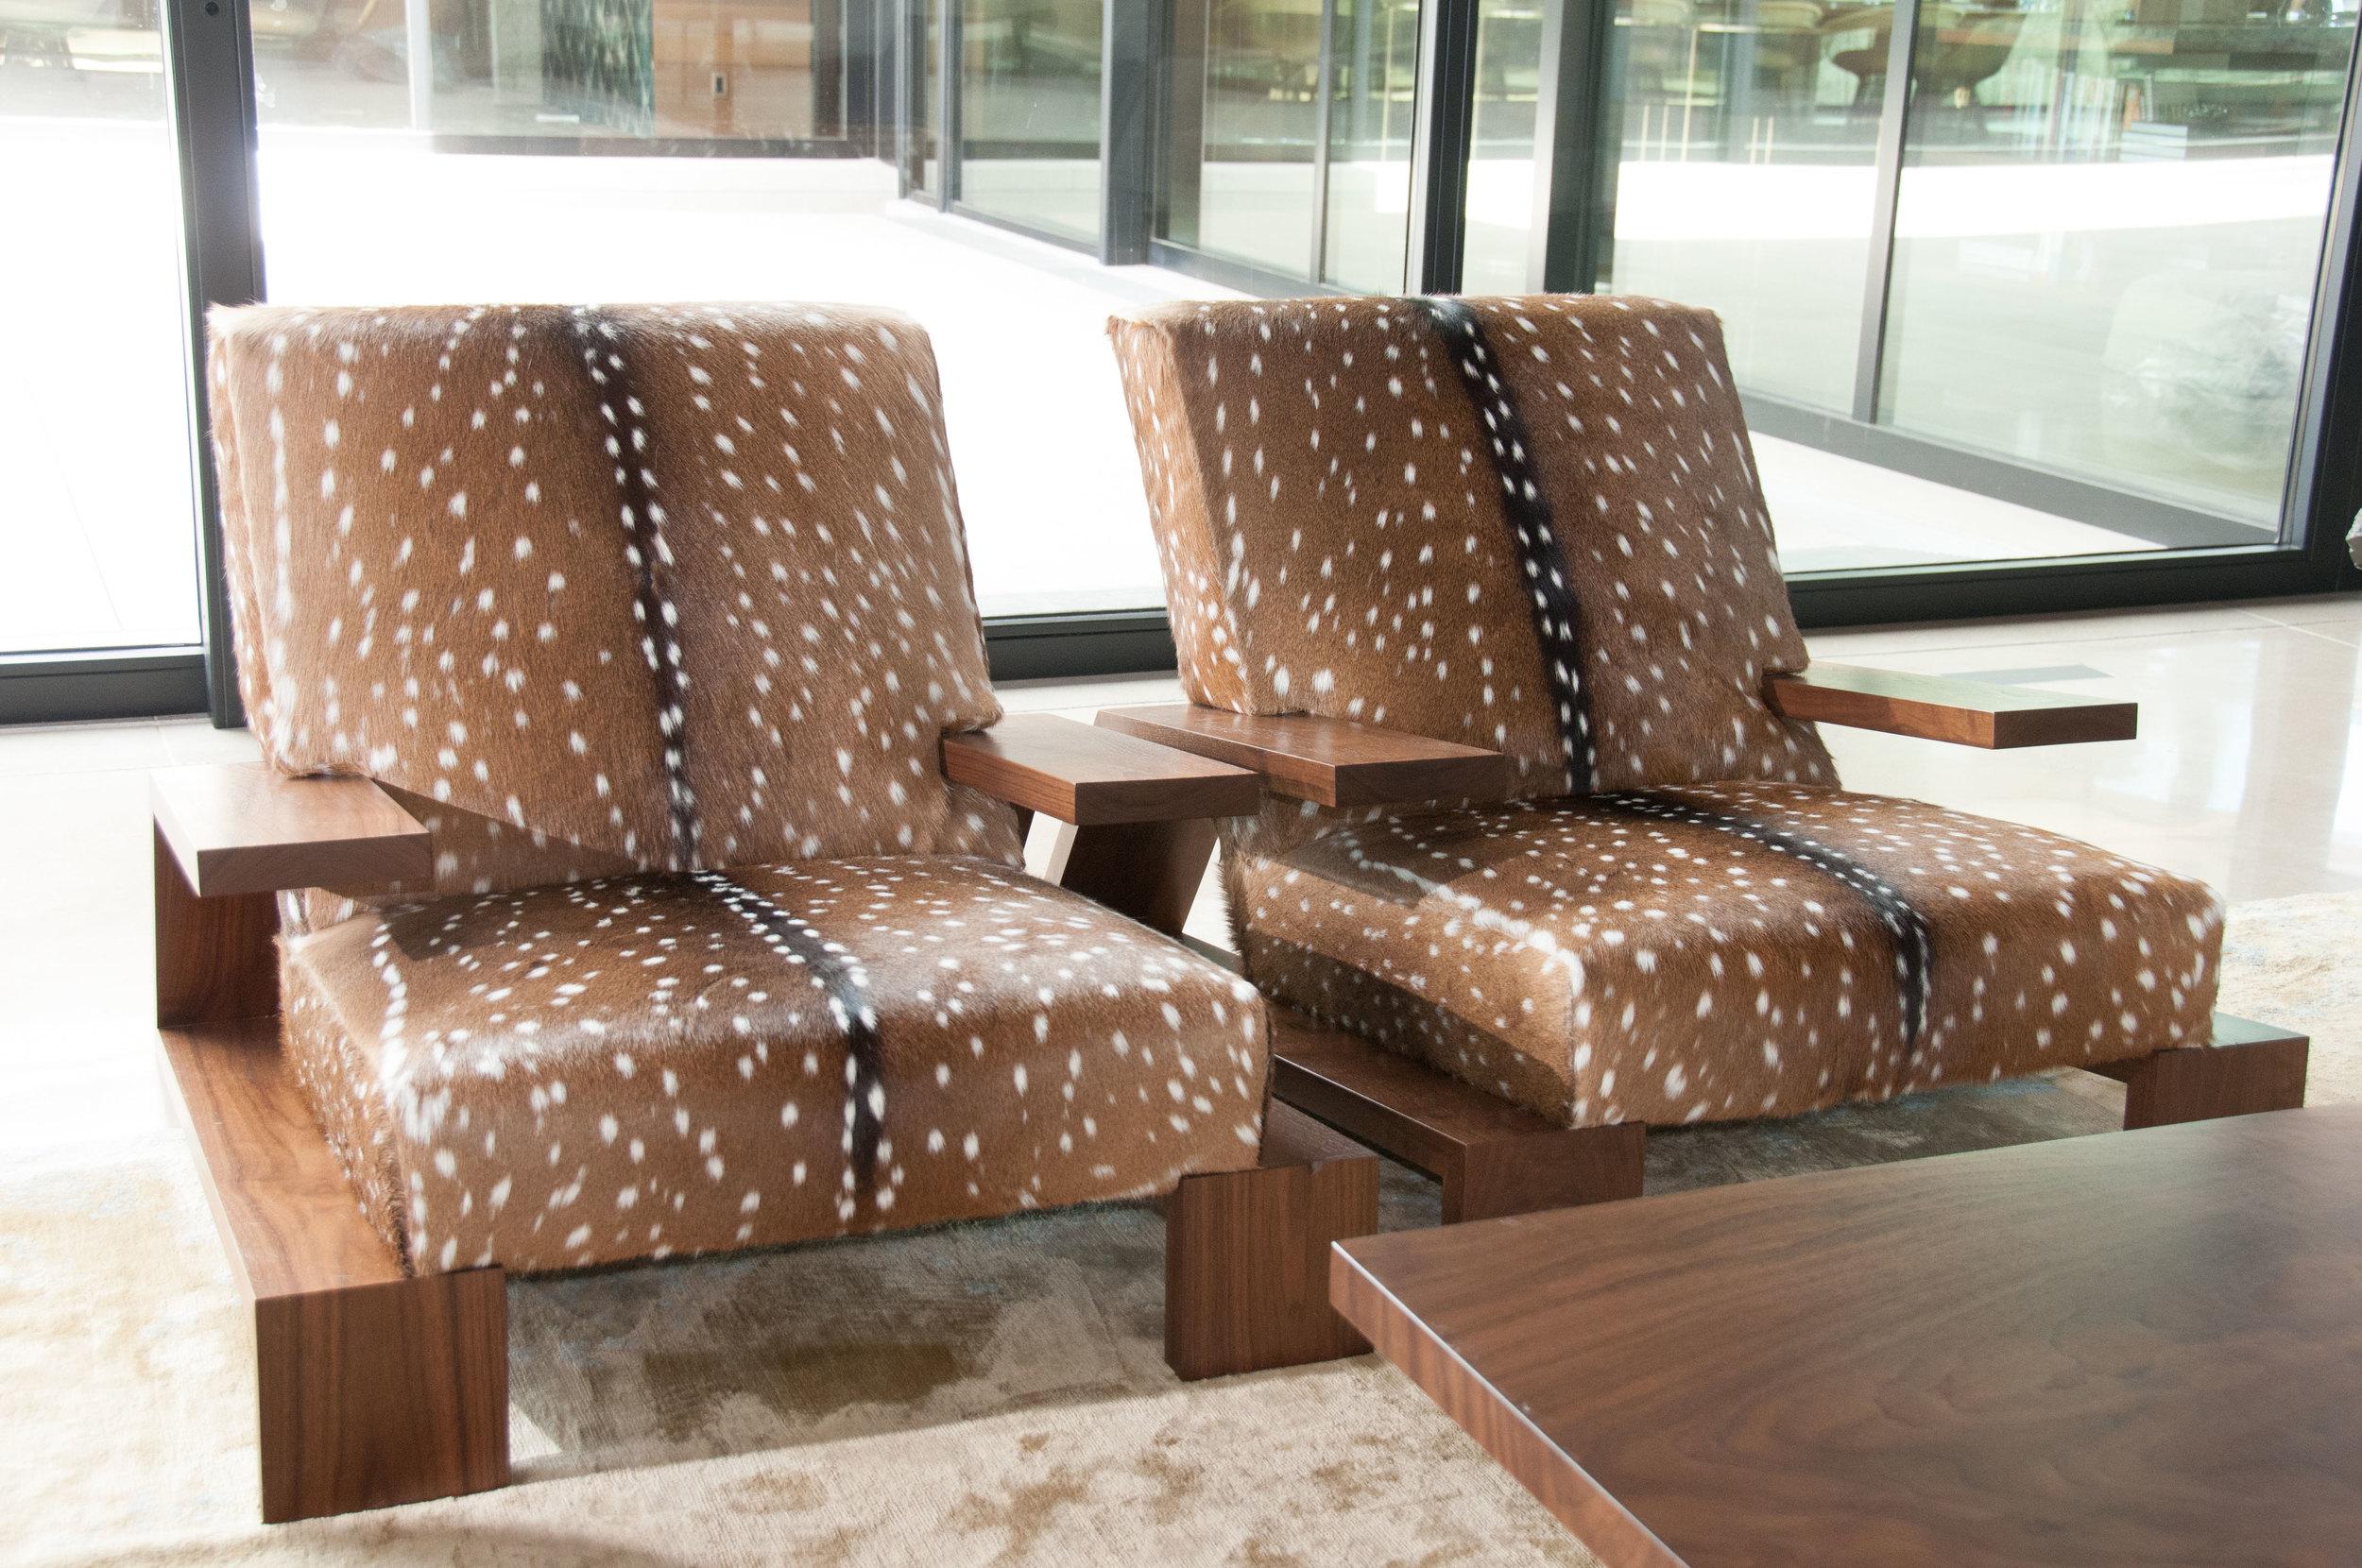 deerskin_chairs_3.jpg